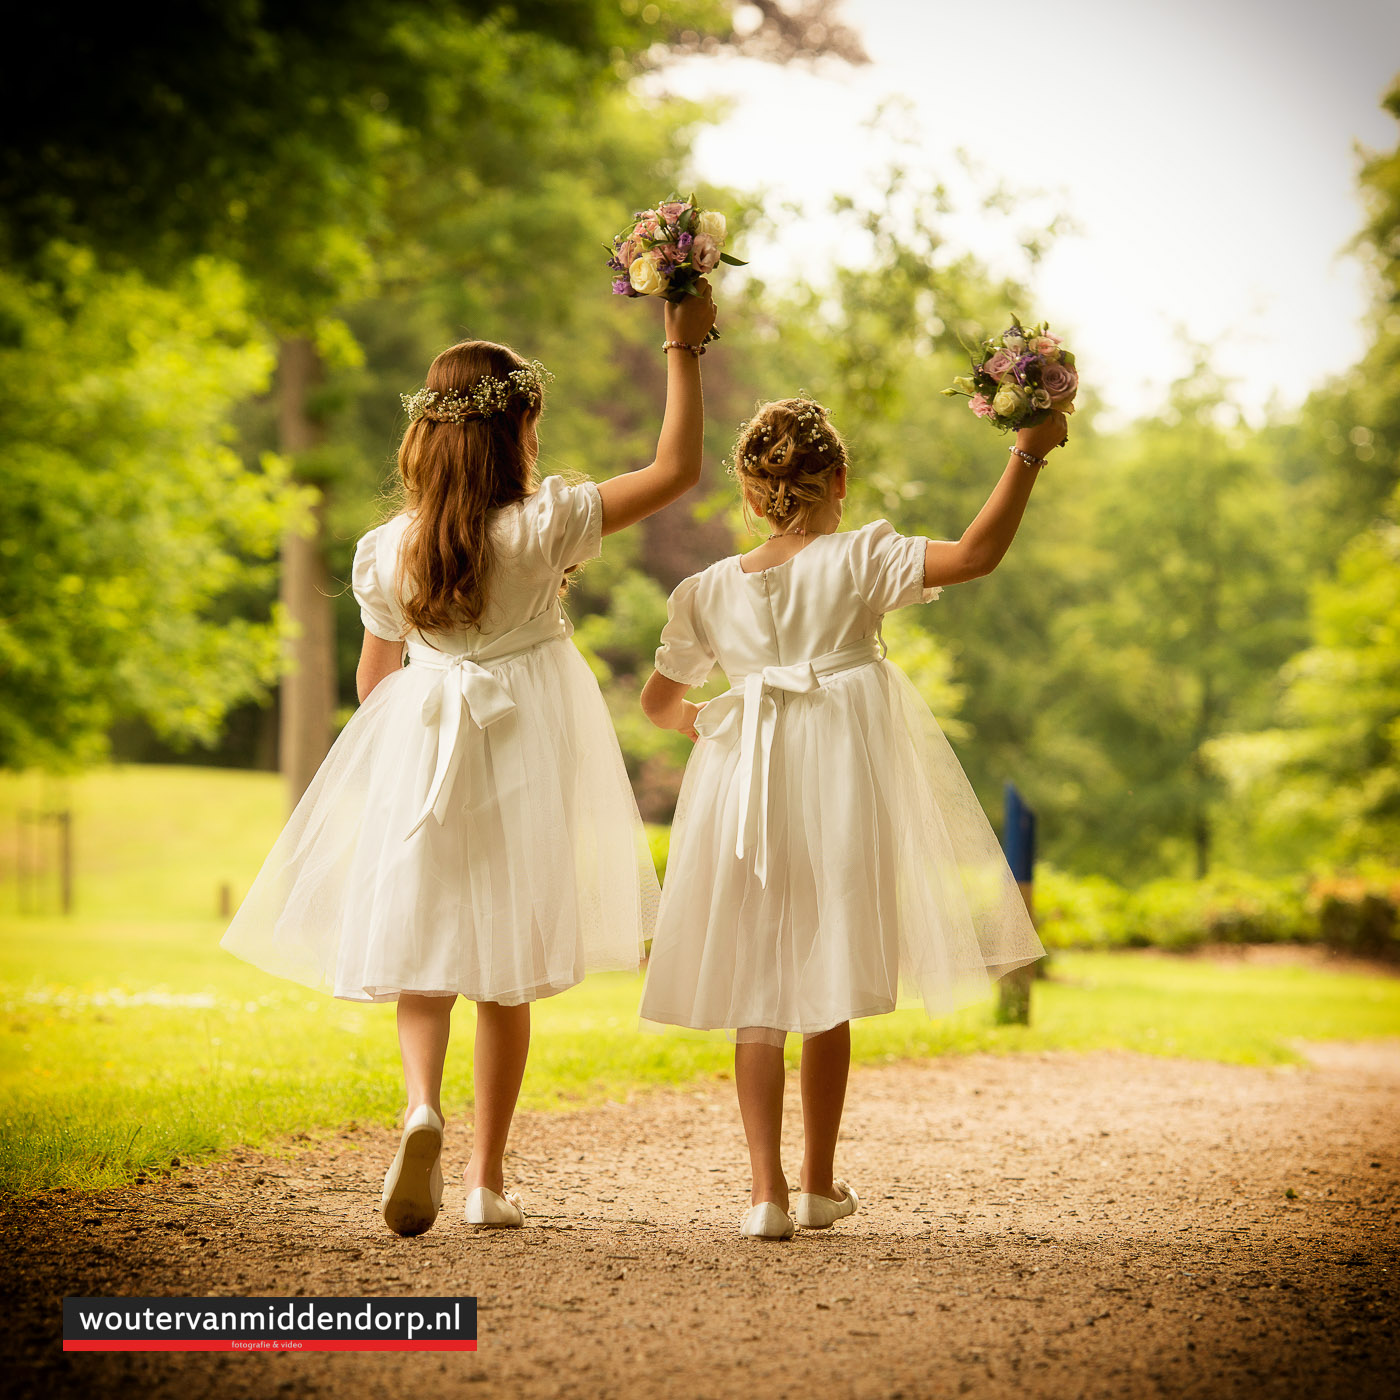 bruidsfotografie-wouter-van-middendorp-veenendaal-uddel-21